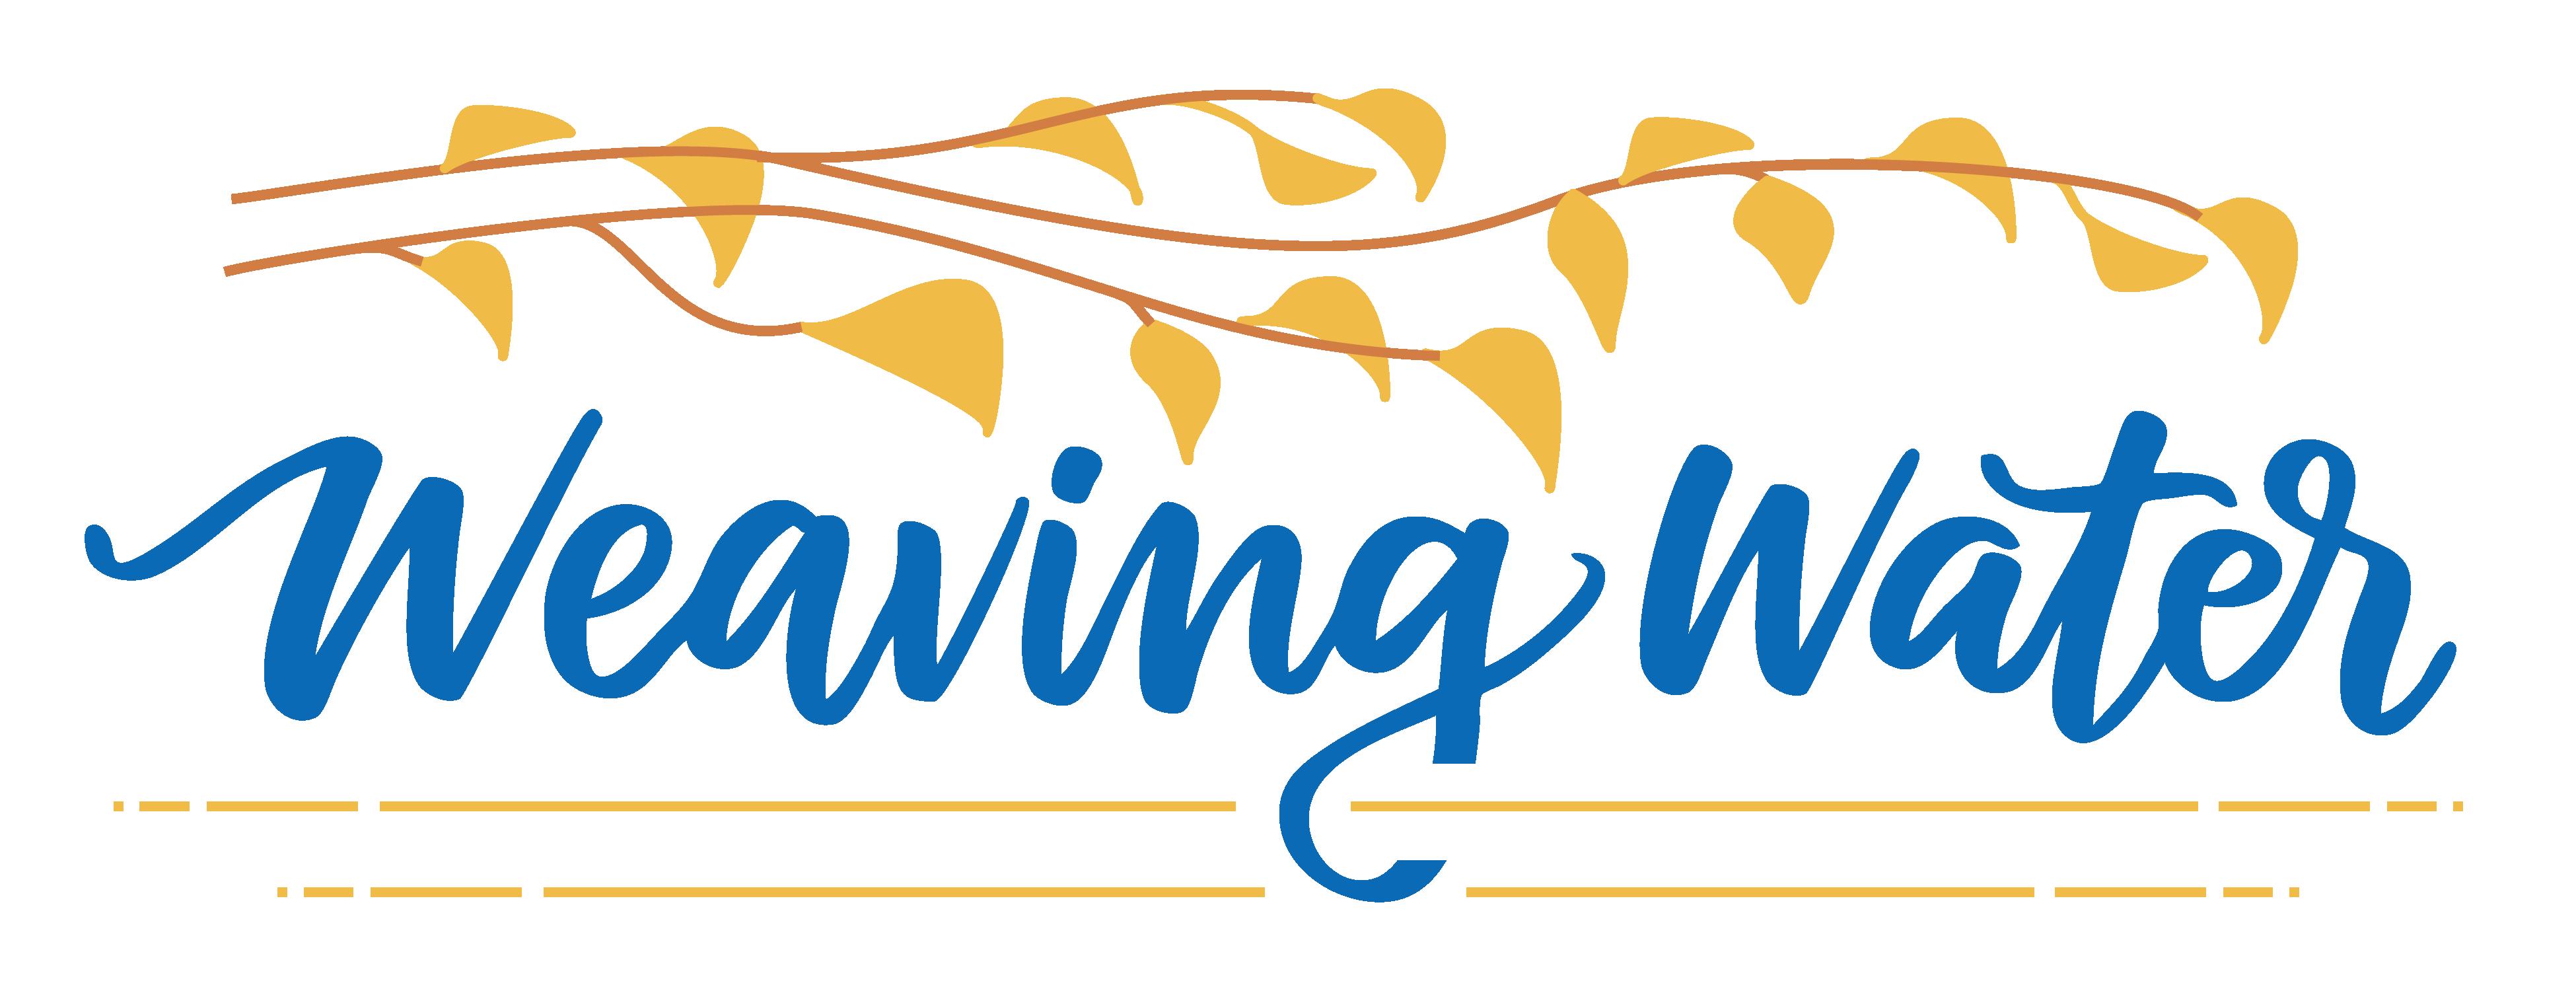 Weaving Water Cohousing